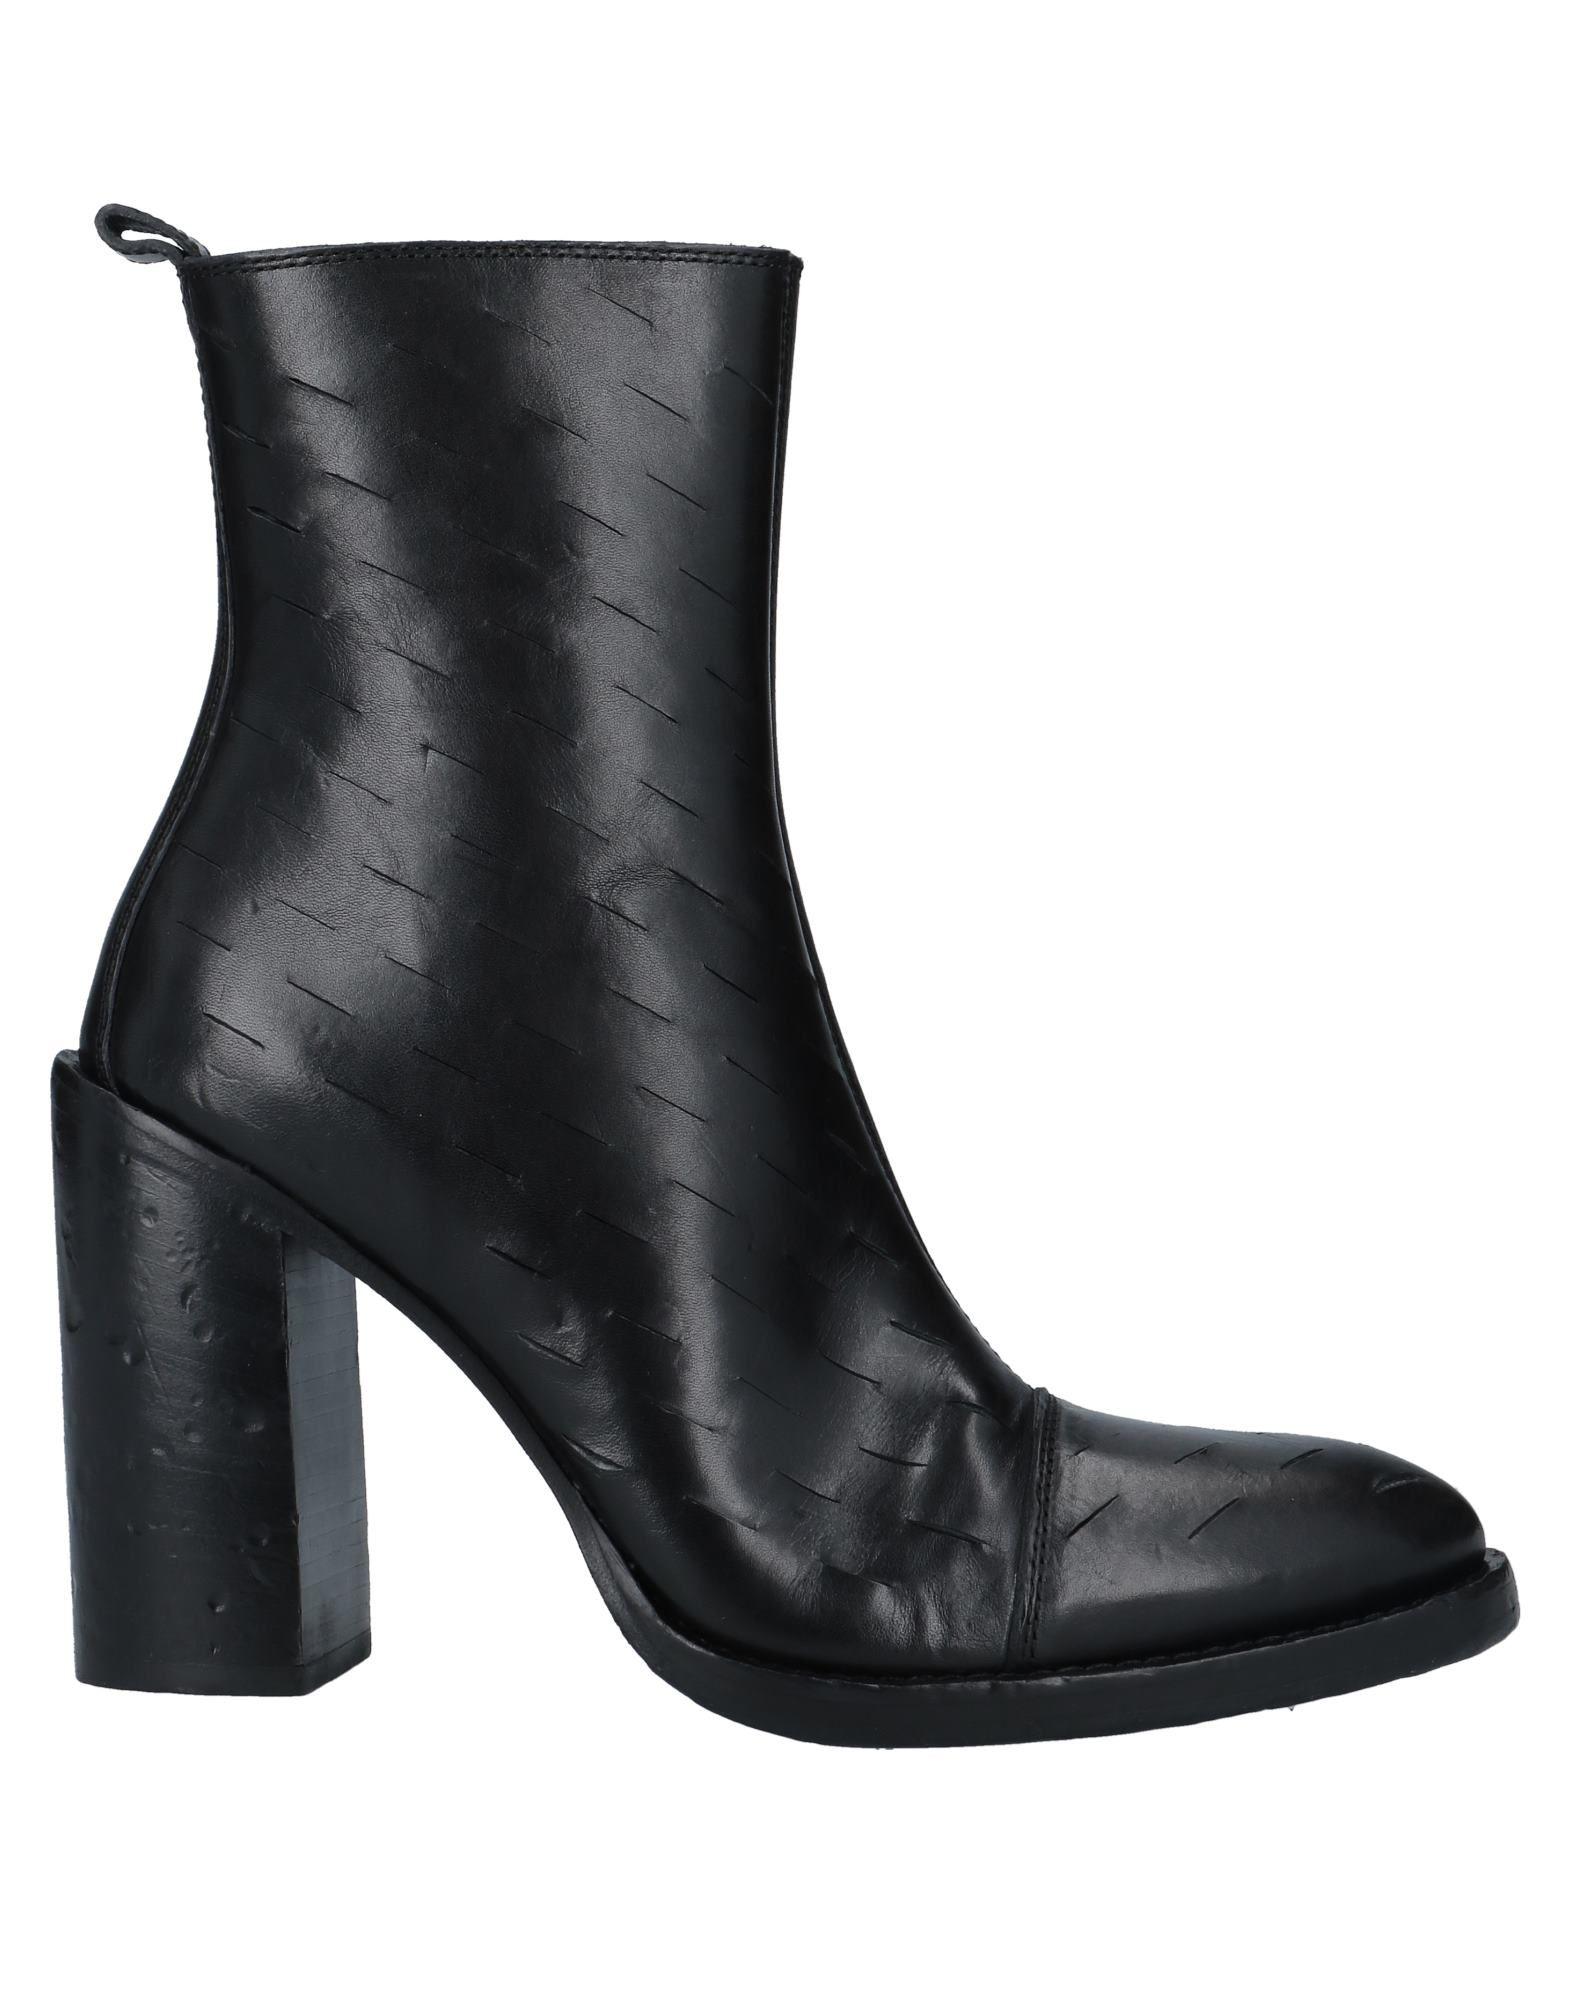 ANN DEMEULEMEESTER Полусапоги и высокие ботинки ann demeulemeester полусапоги и высокие ботинки